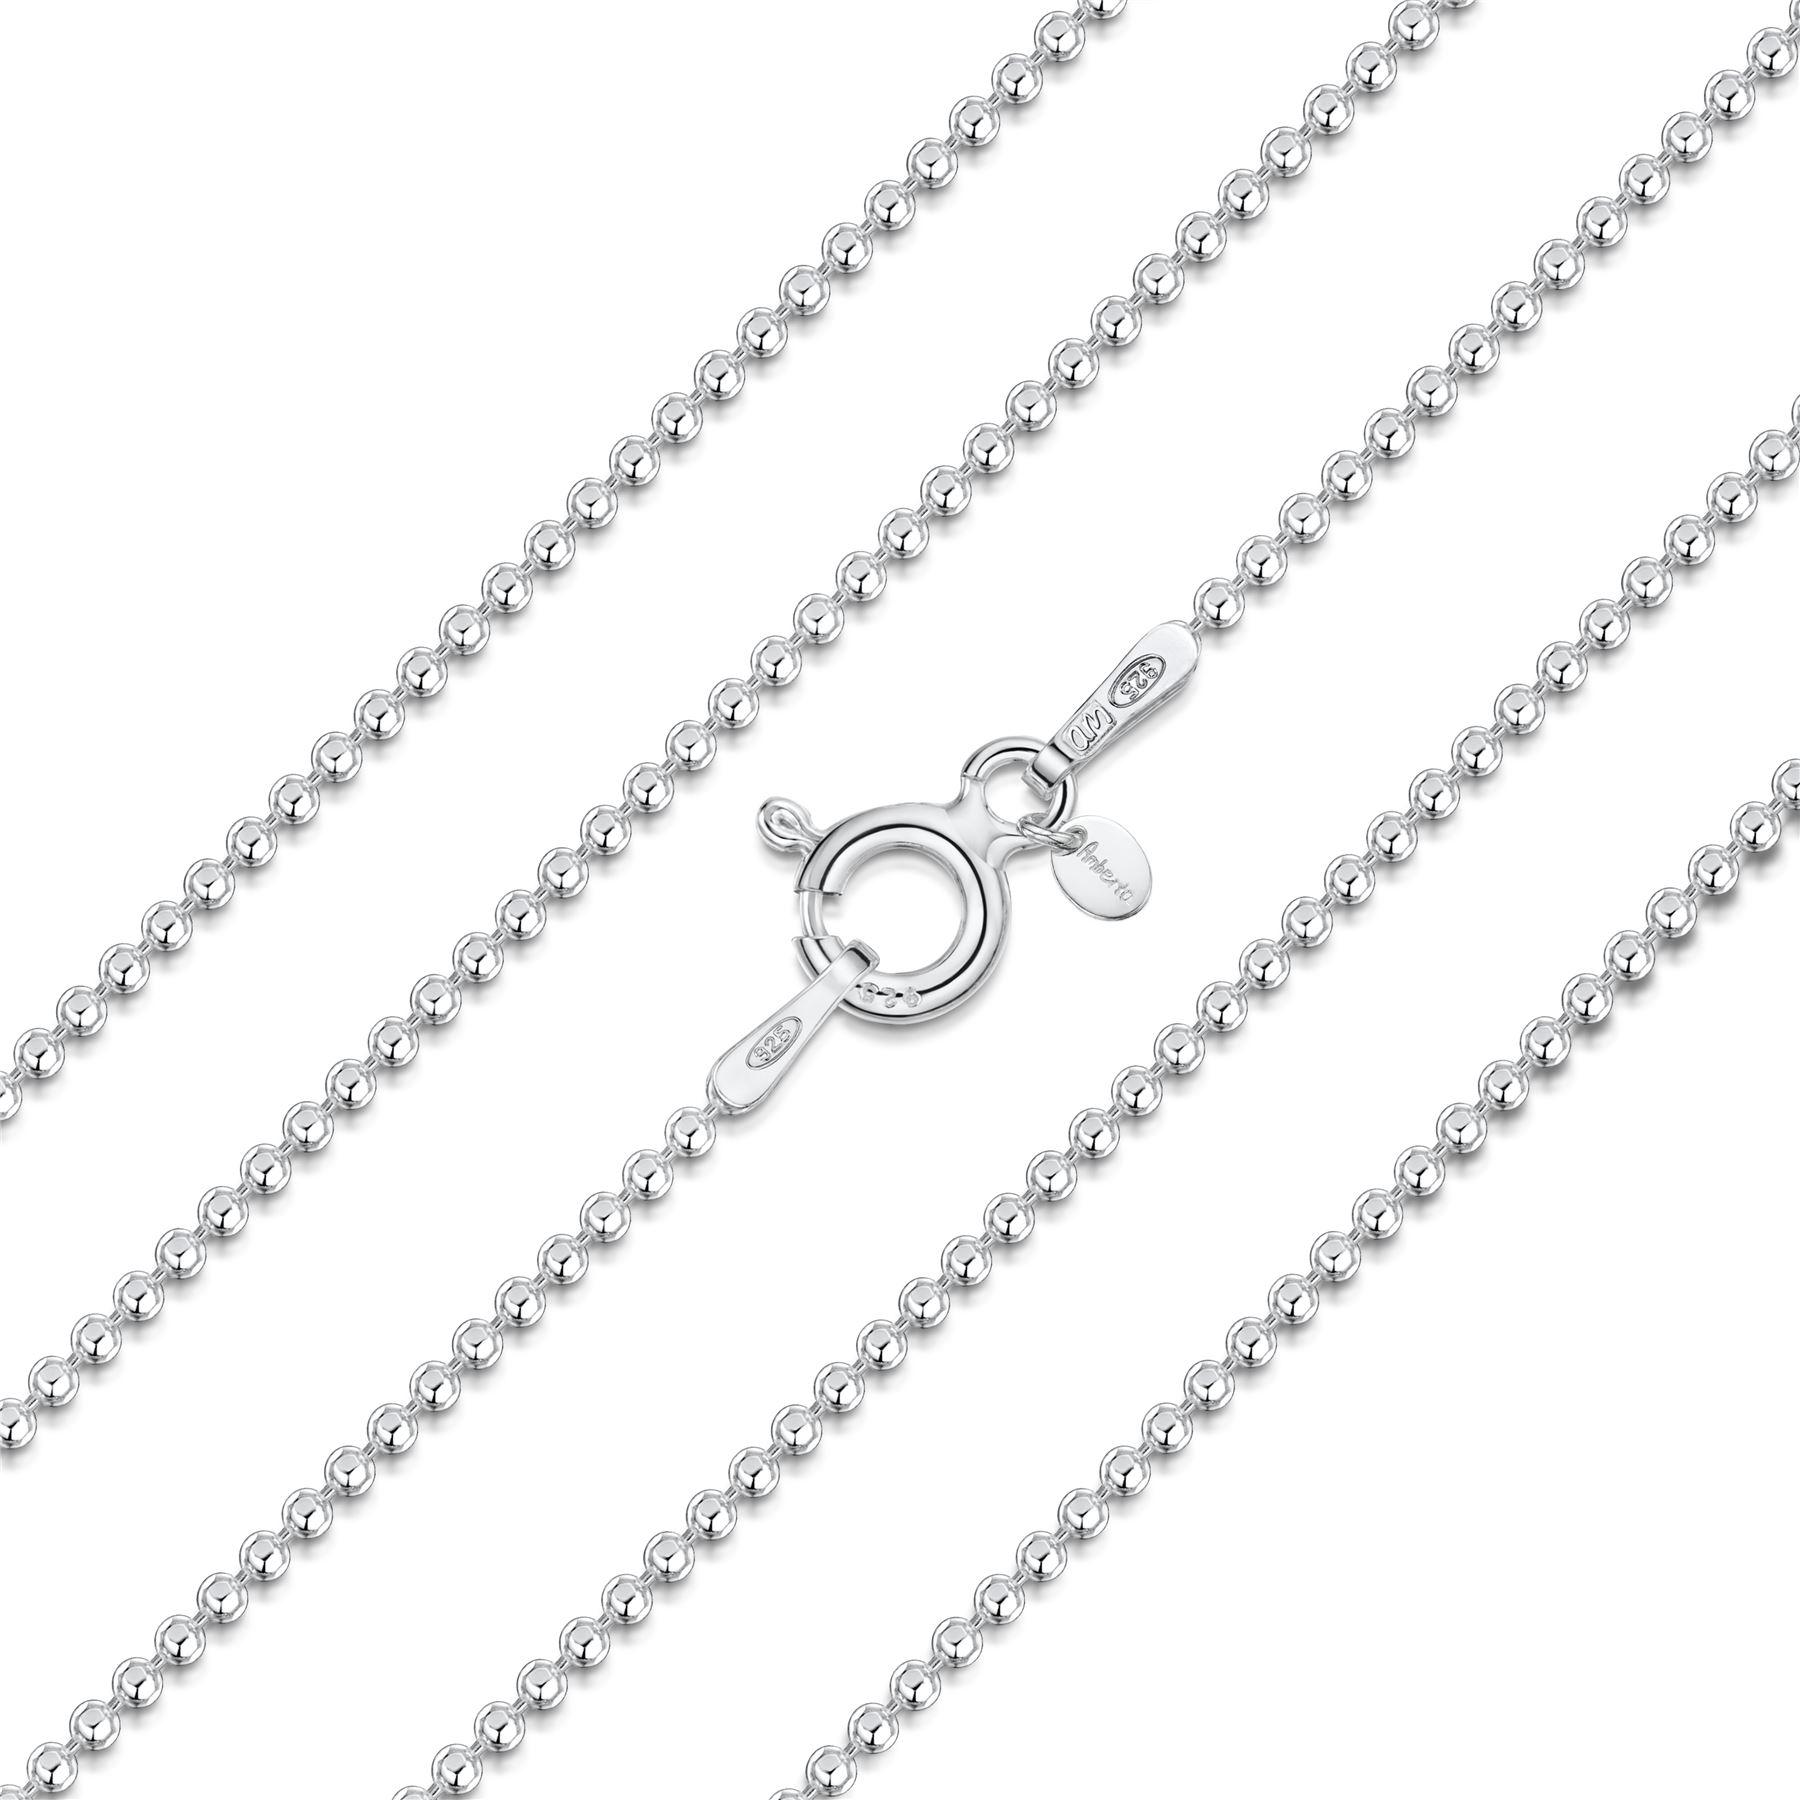 Amberta-Collar-en-Plata-De-Ley-925-Autentica-Cadena-para-Mujer-y-Hombre-Italiana miniatura 32